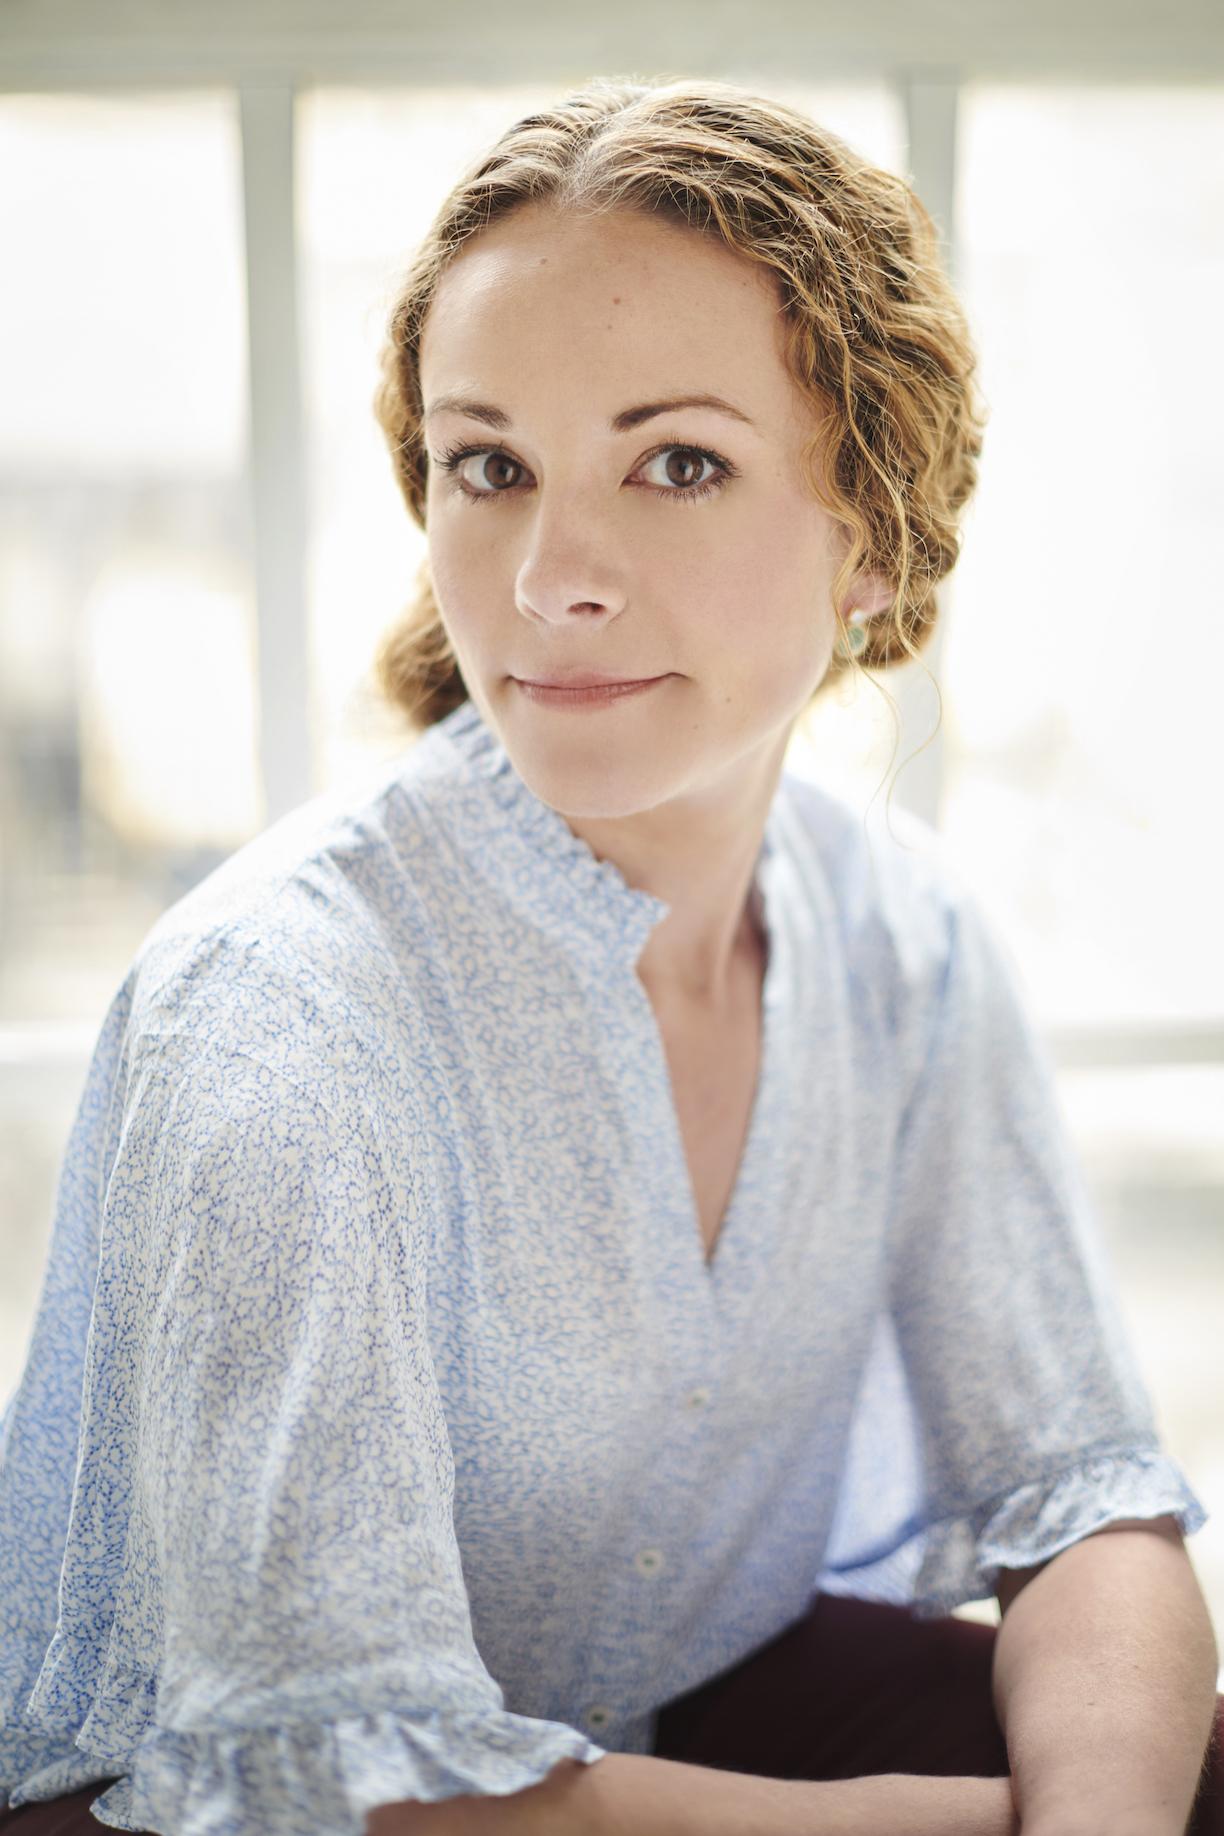 Clare Beams